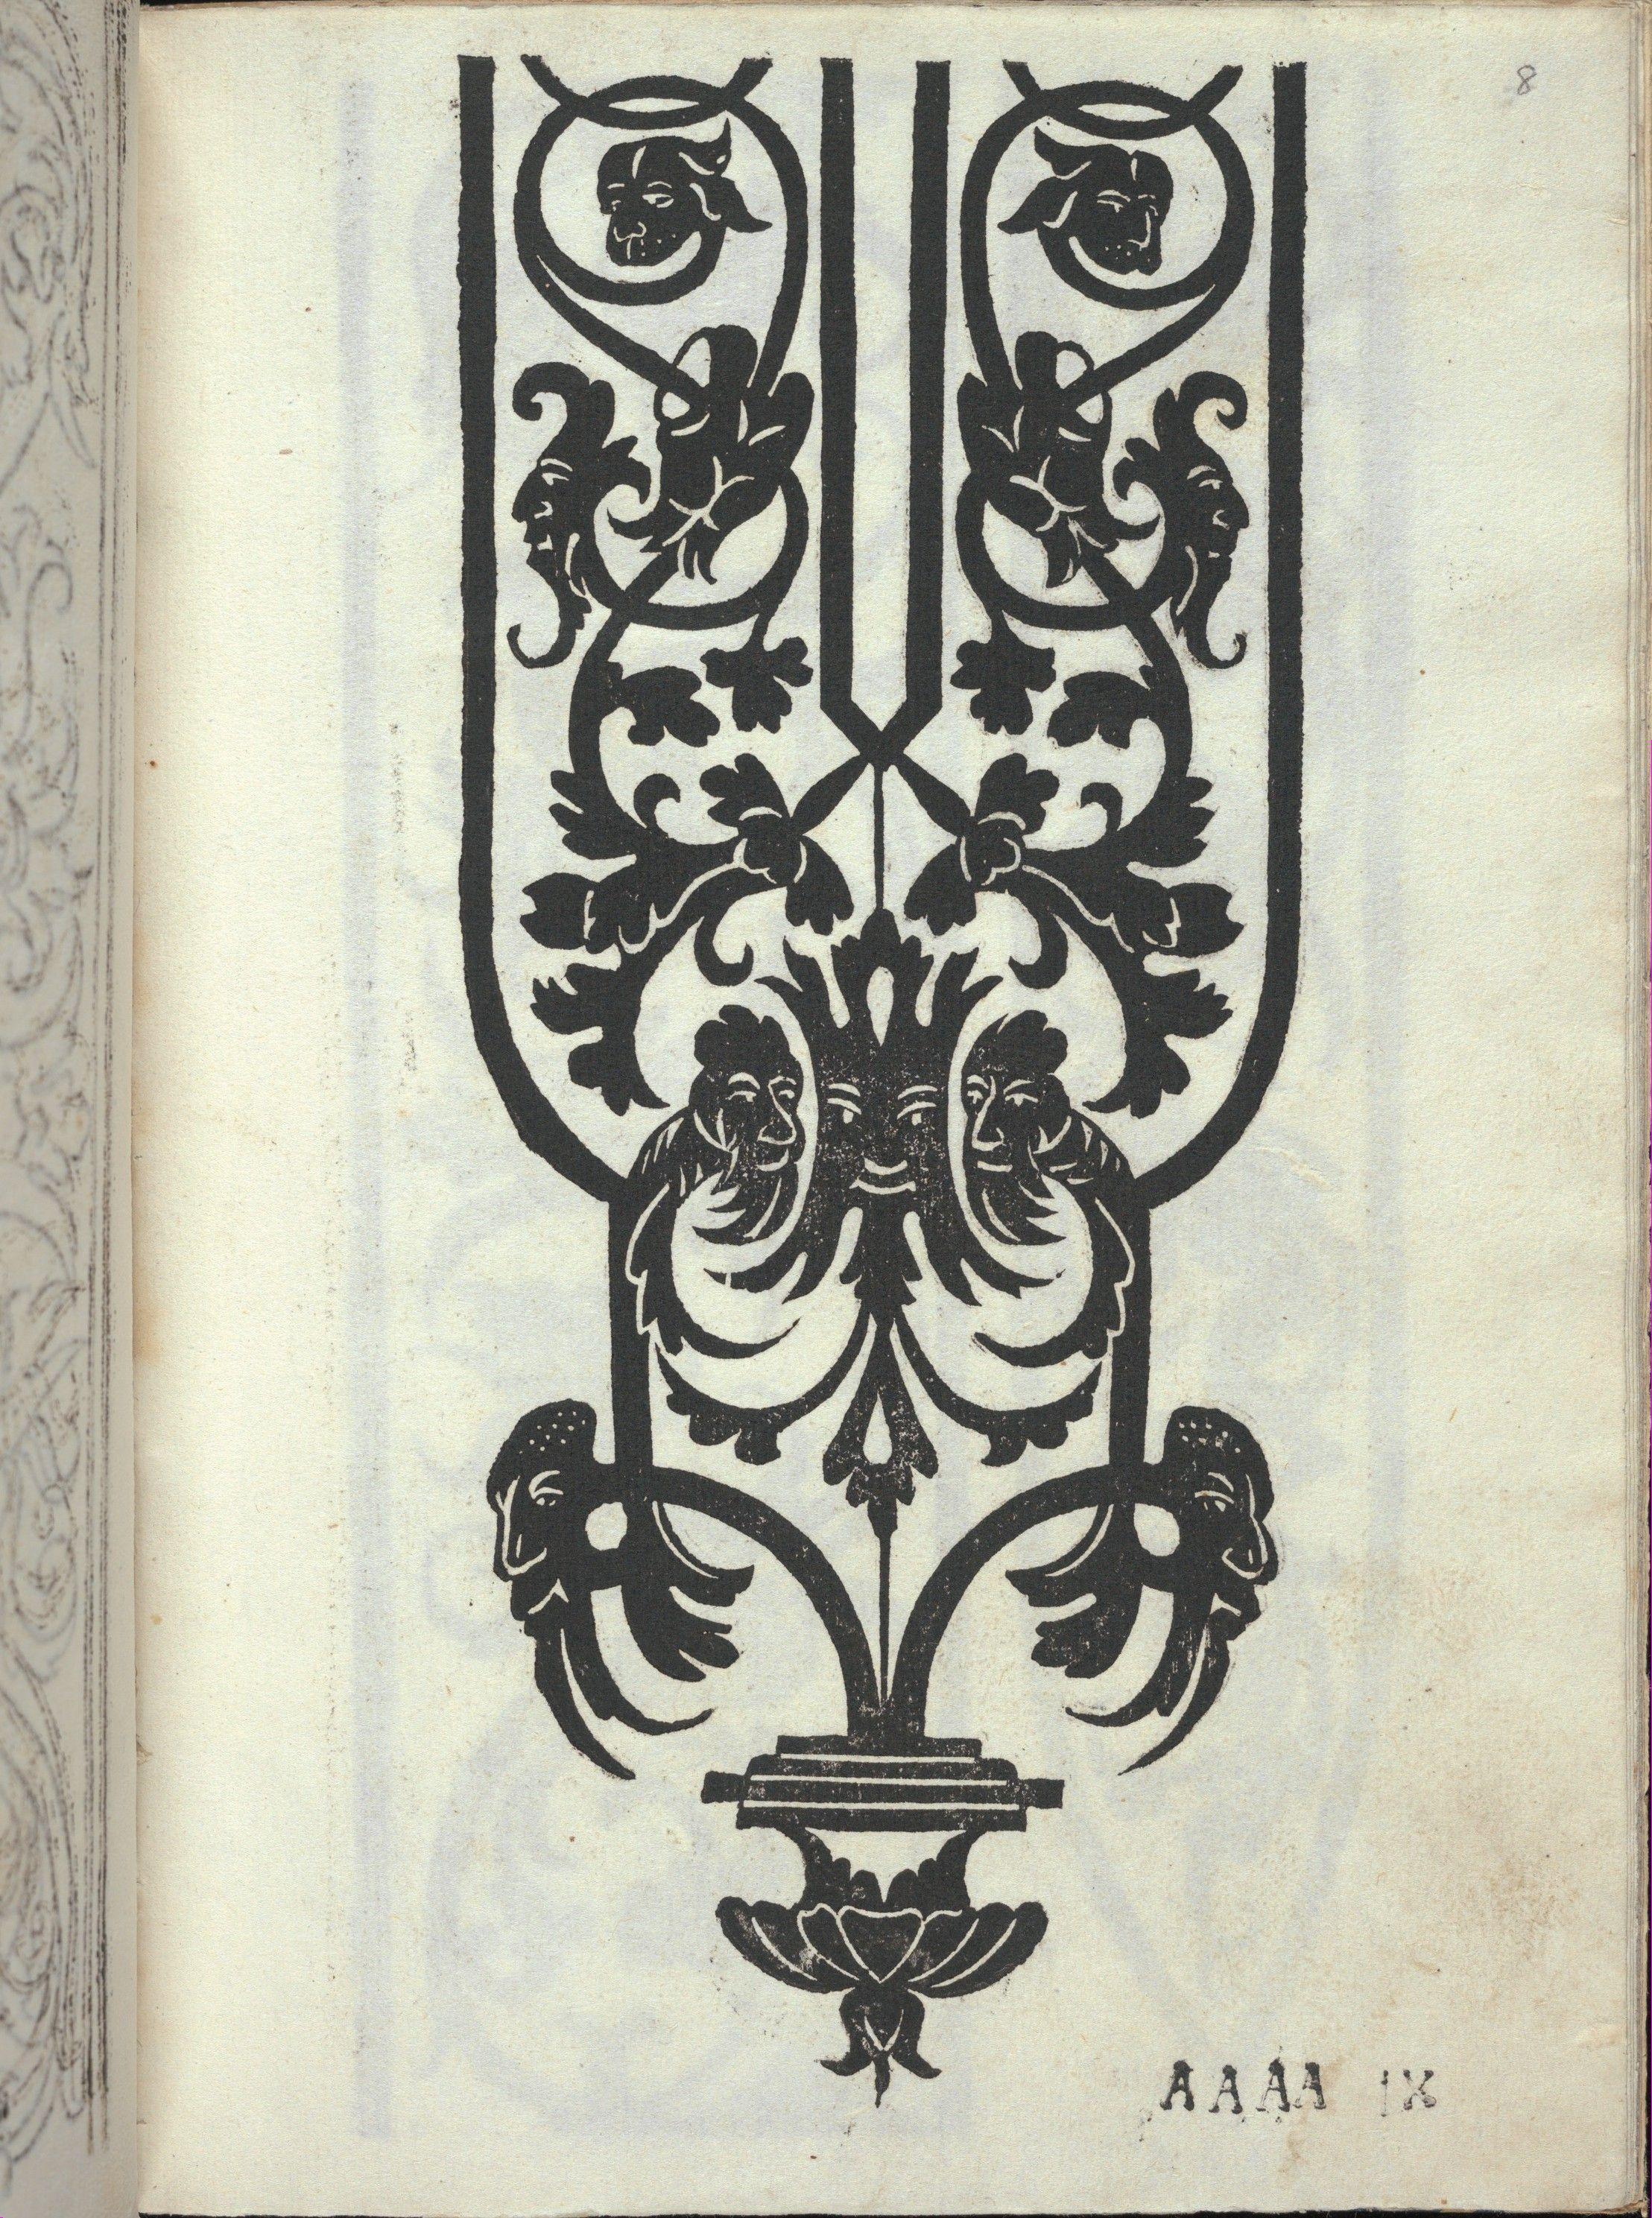 Alessandro Paganino   Libro quarto. De rechami per elquale se impara in diuersi modi lordine e il modo de recamare...Opera noua, page 8 (recto)   The Met